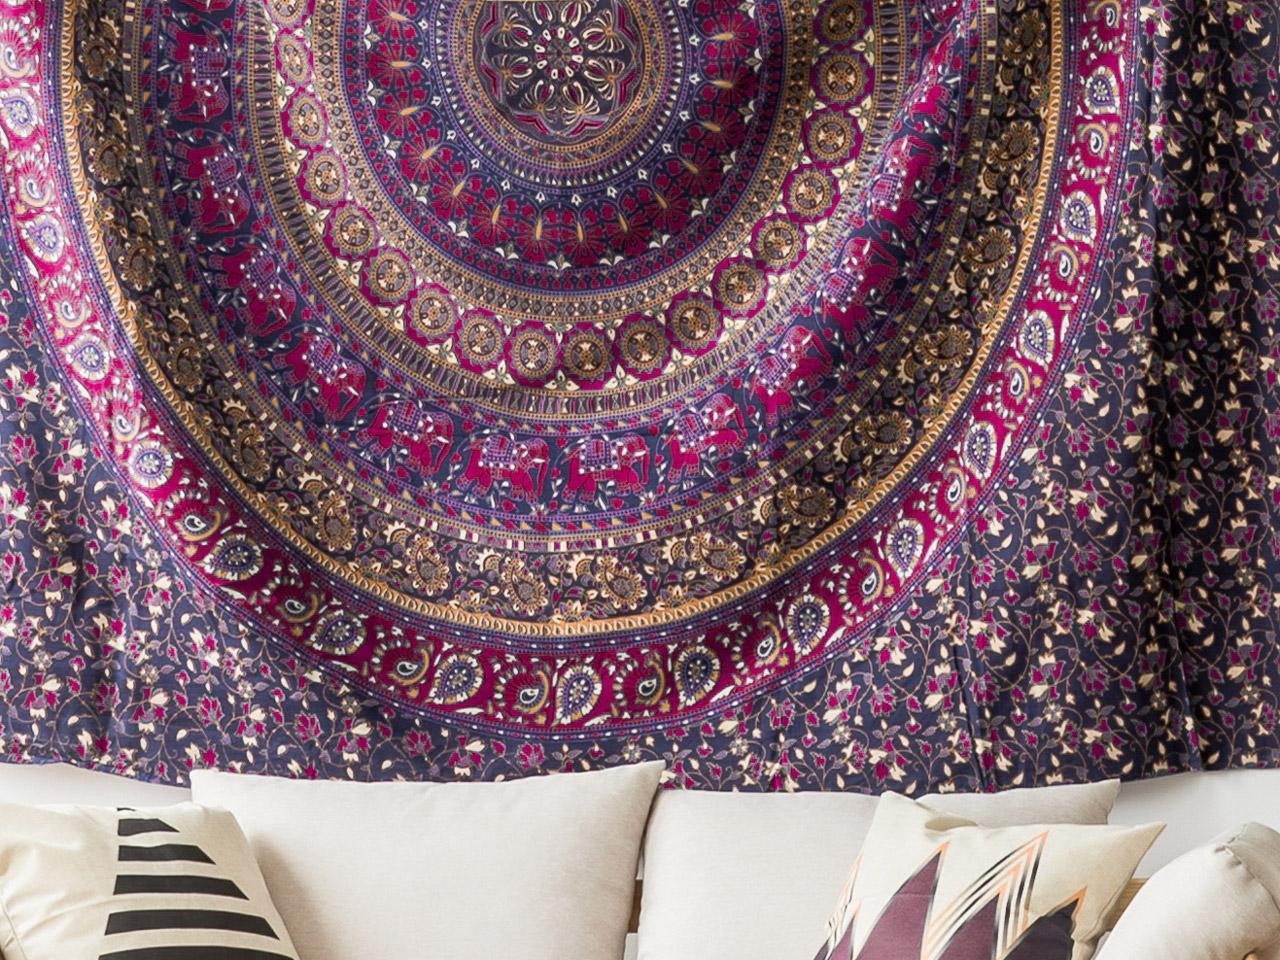 Tuch als Wandbehang im orientalischen Schlafzimmer